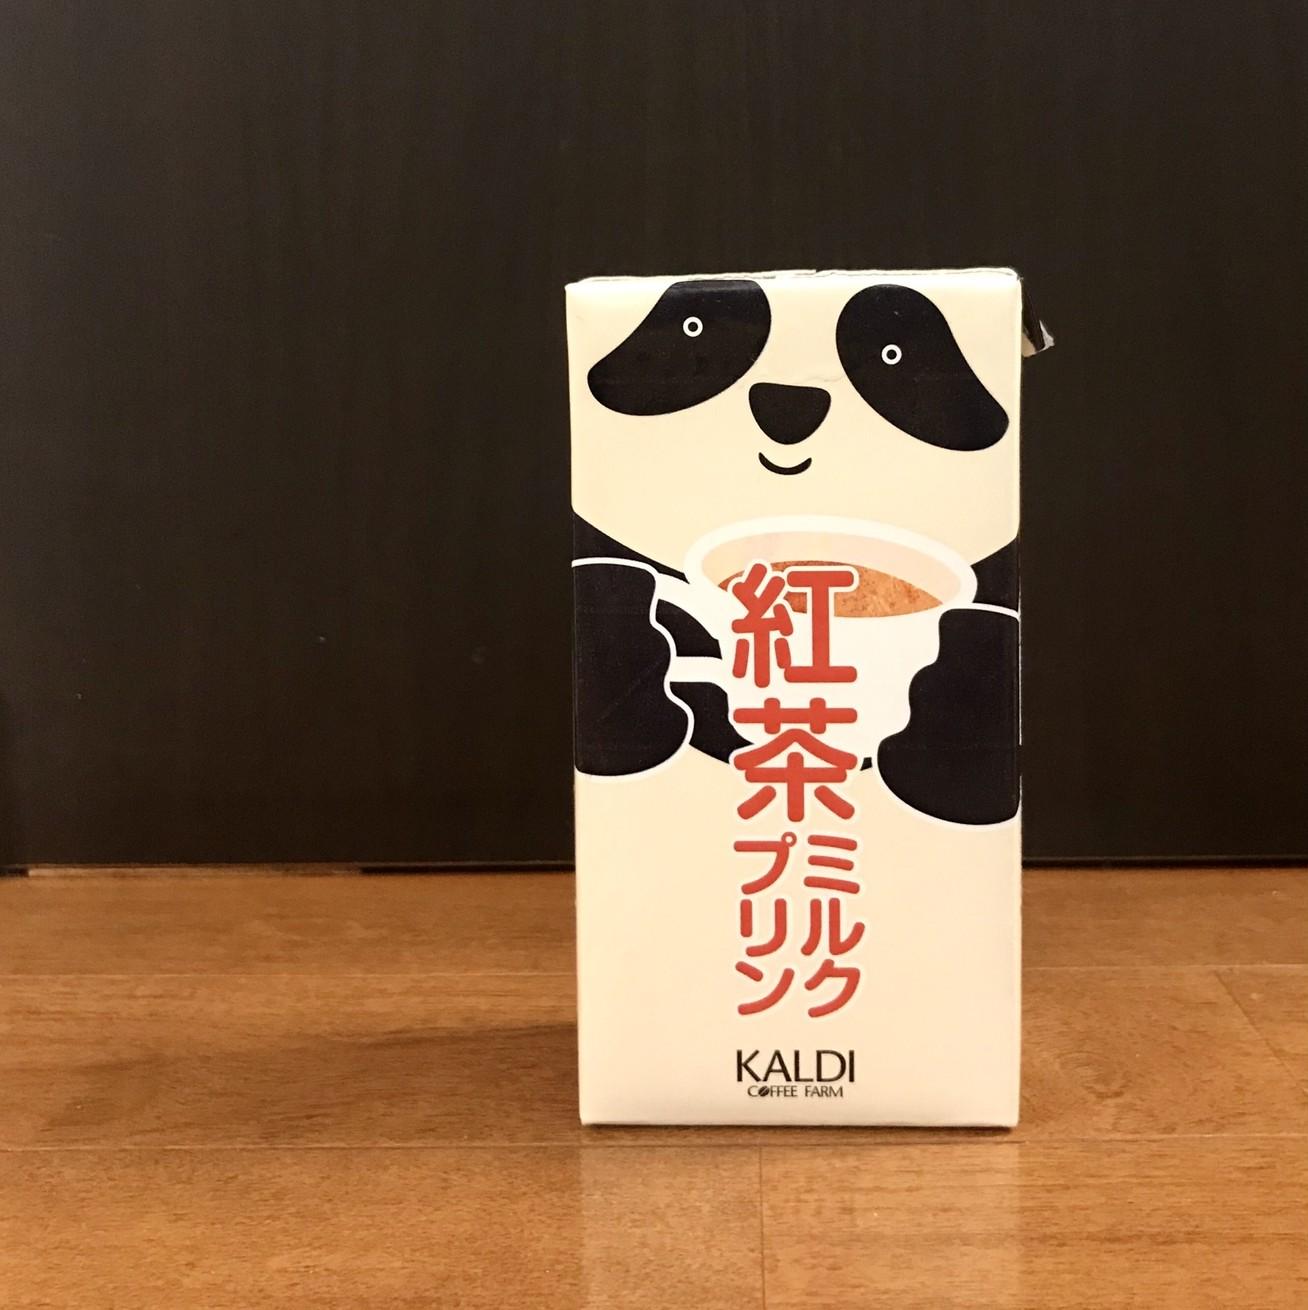 【カルディ(KALDI)】エディターおすすめお菓子&デザート&おつまみ(パンダの紅茶ミルクプリン)